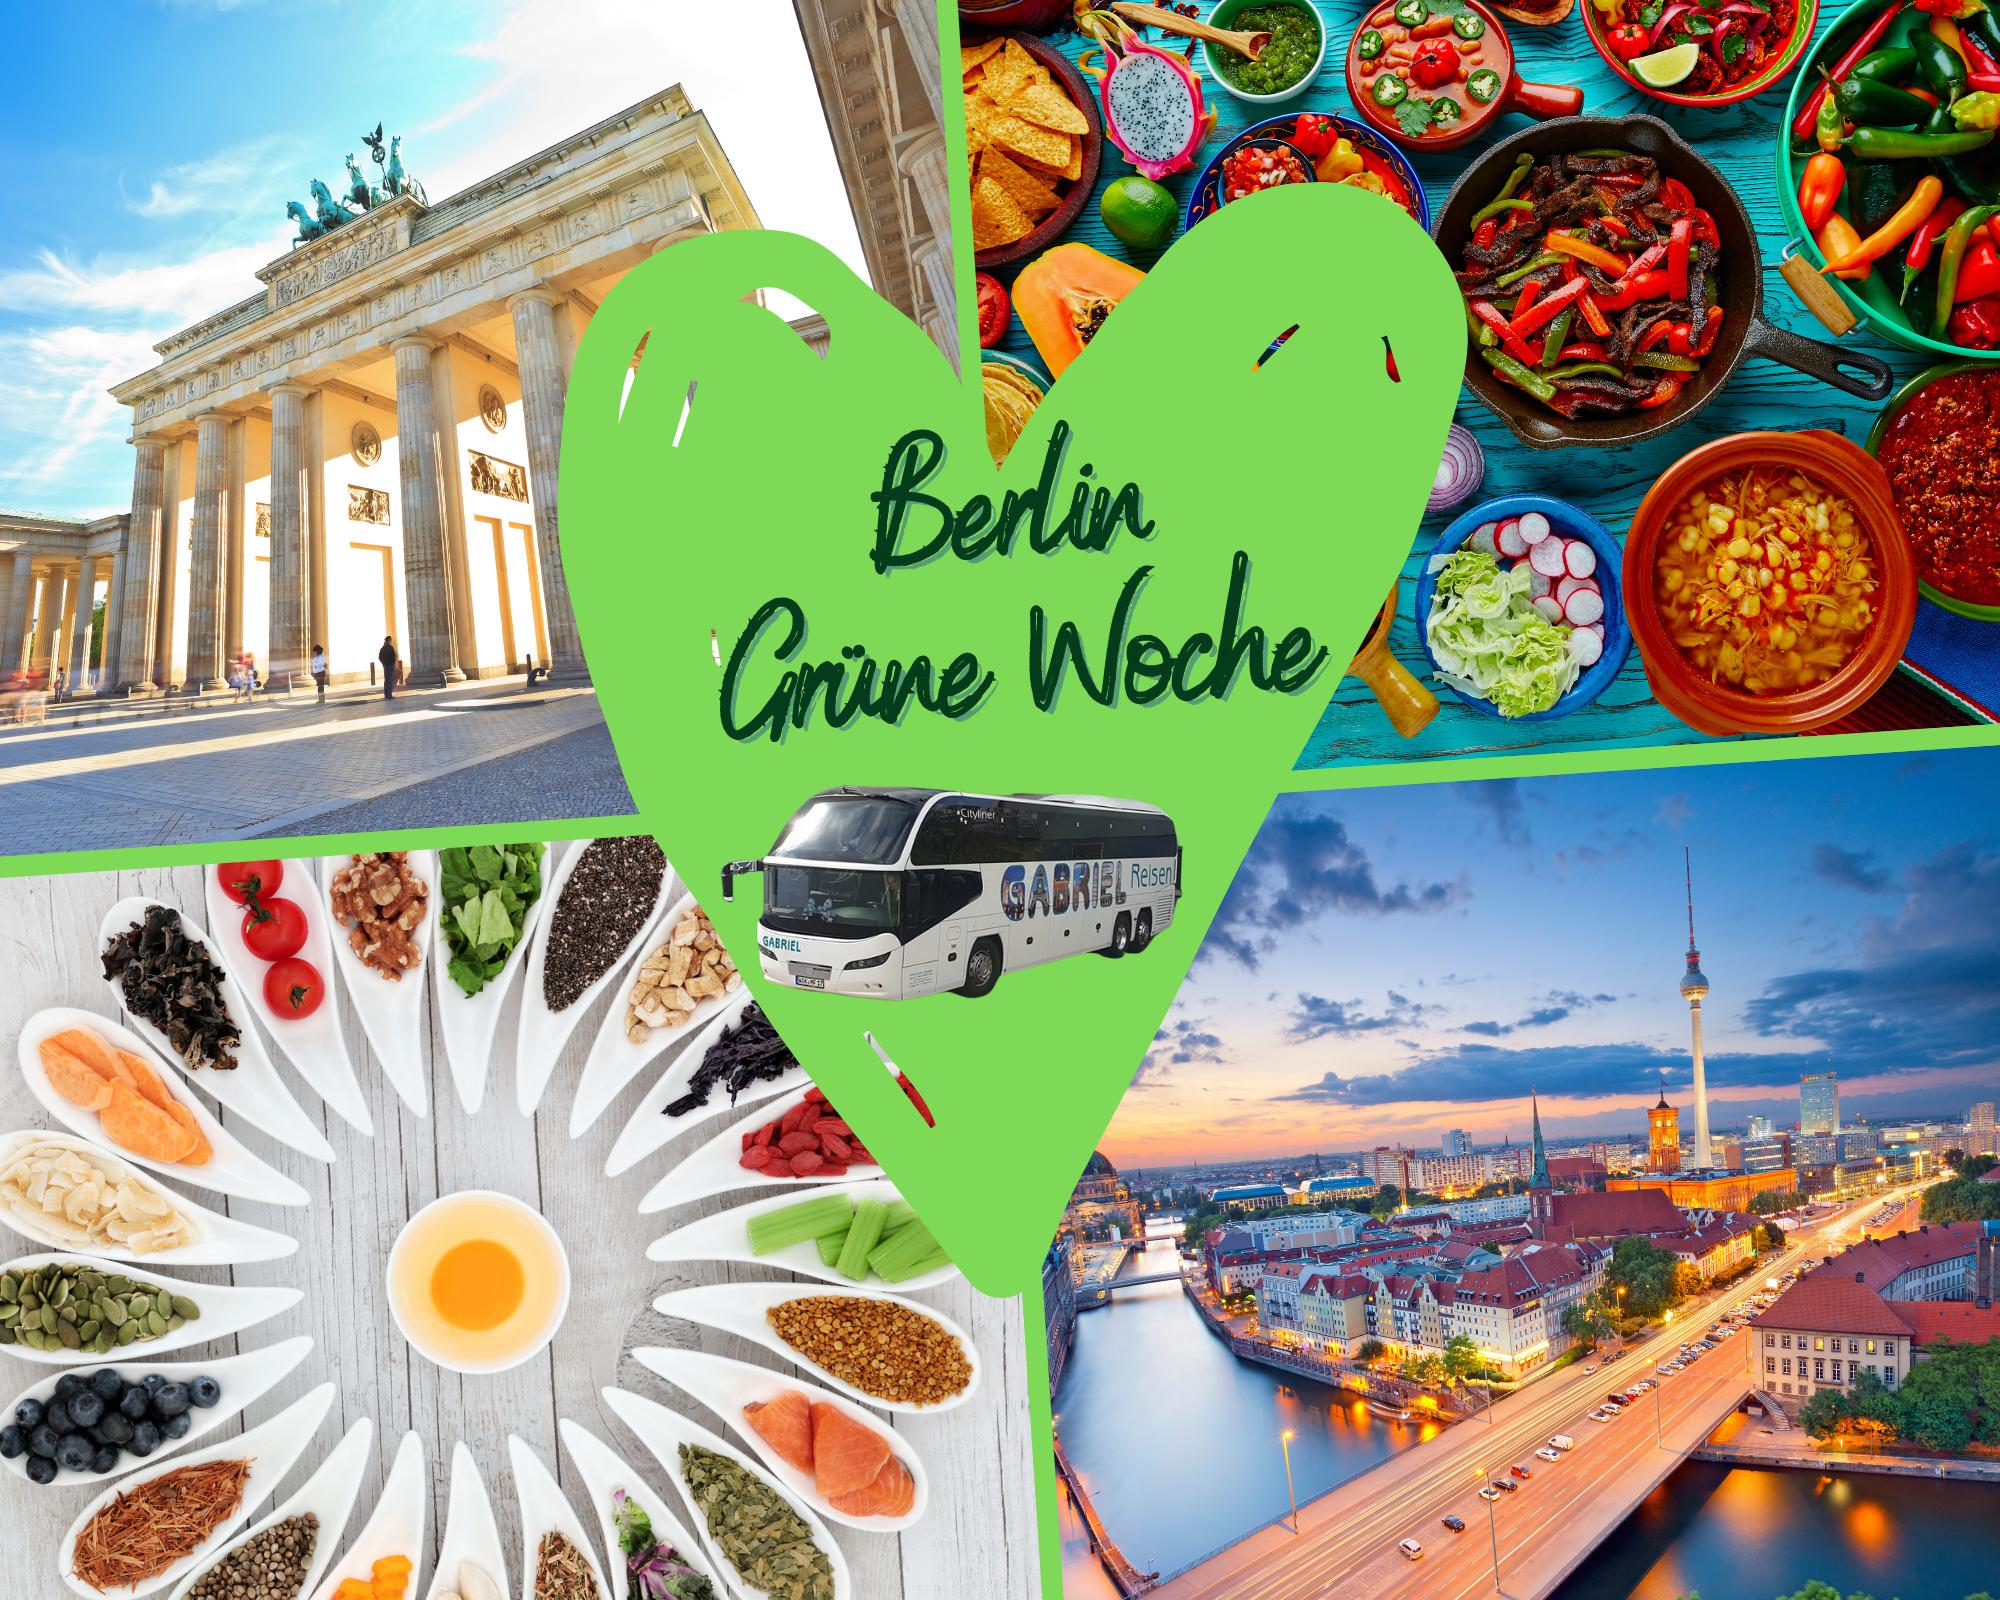 Berlin – Internationale Grüne Woche vom 21.01.2022-23.01.2022